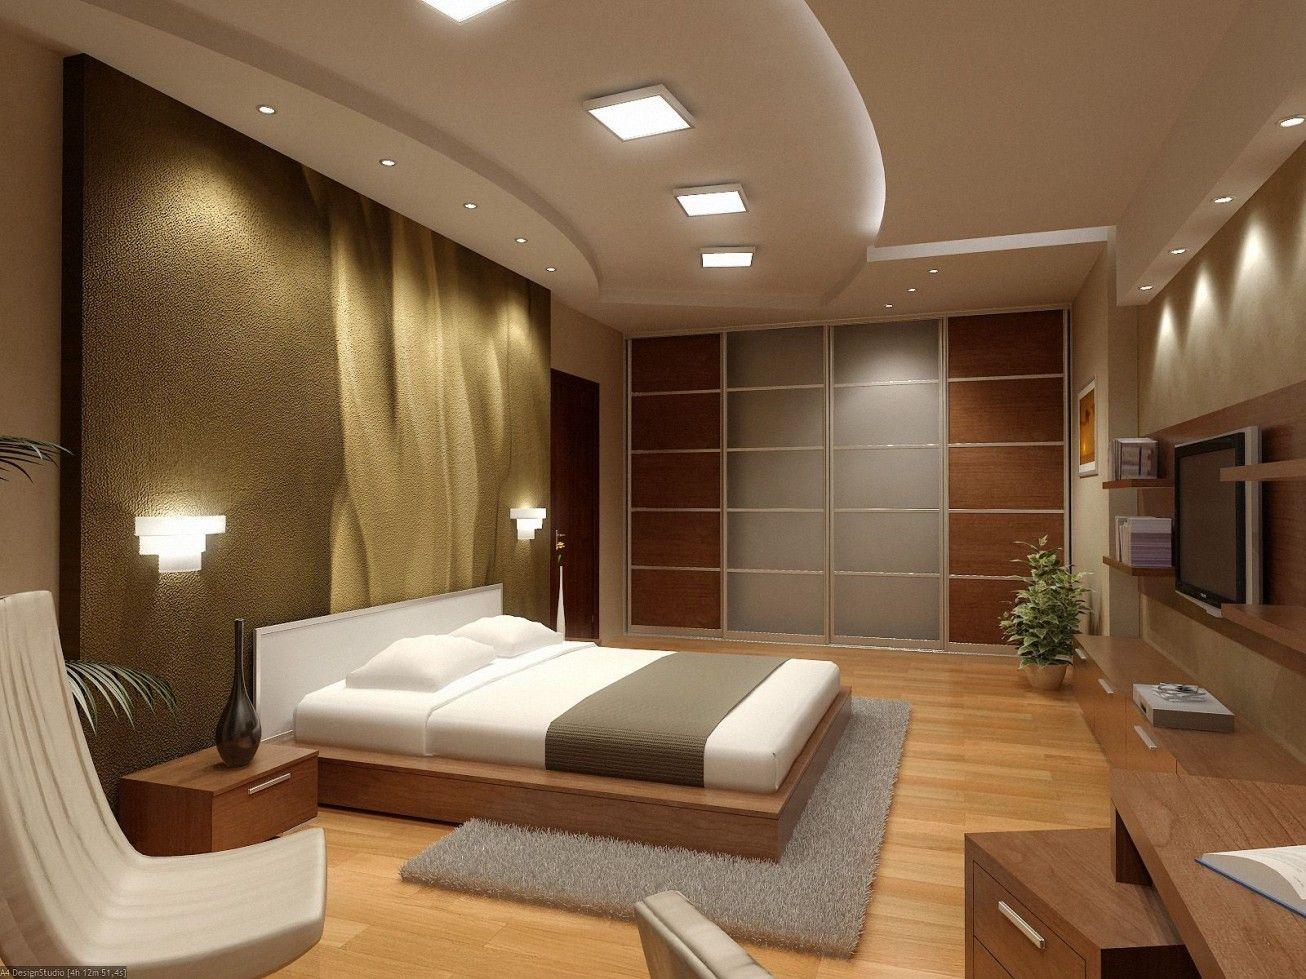 Build amazing interior design ideas for men with interior design